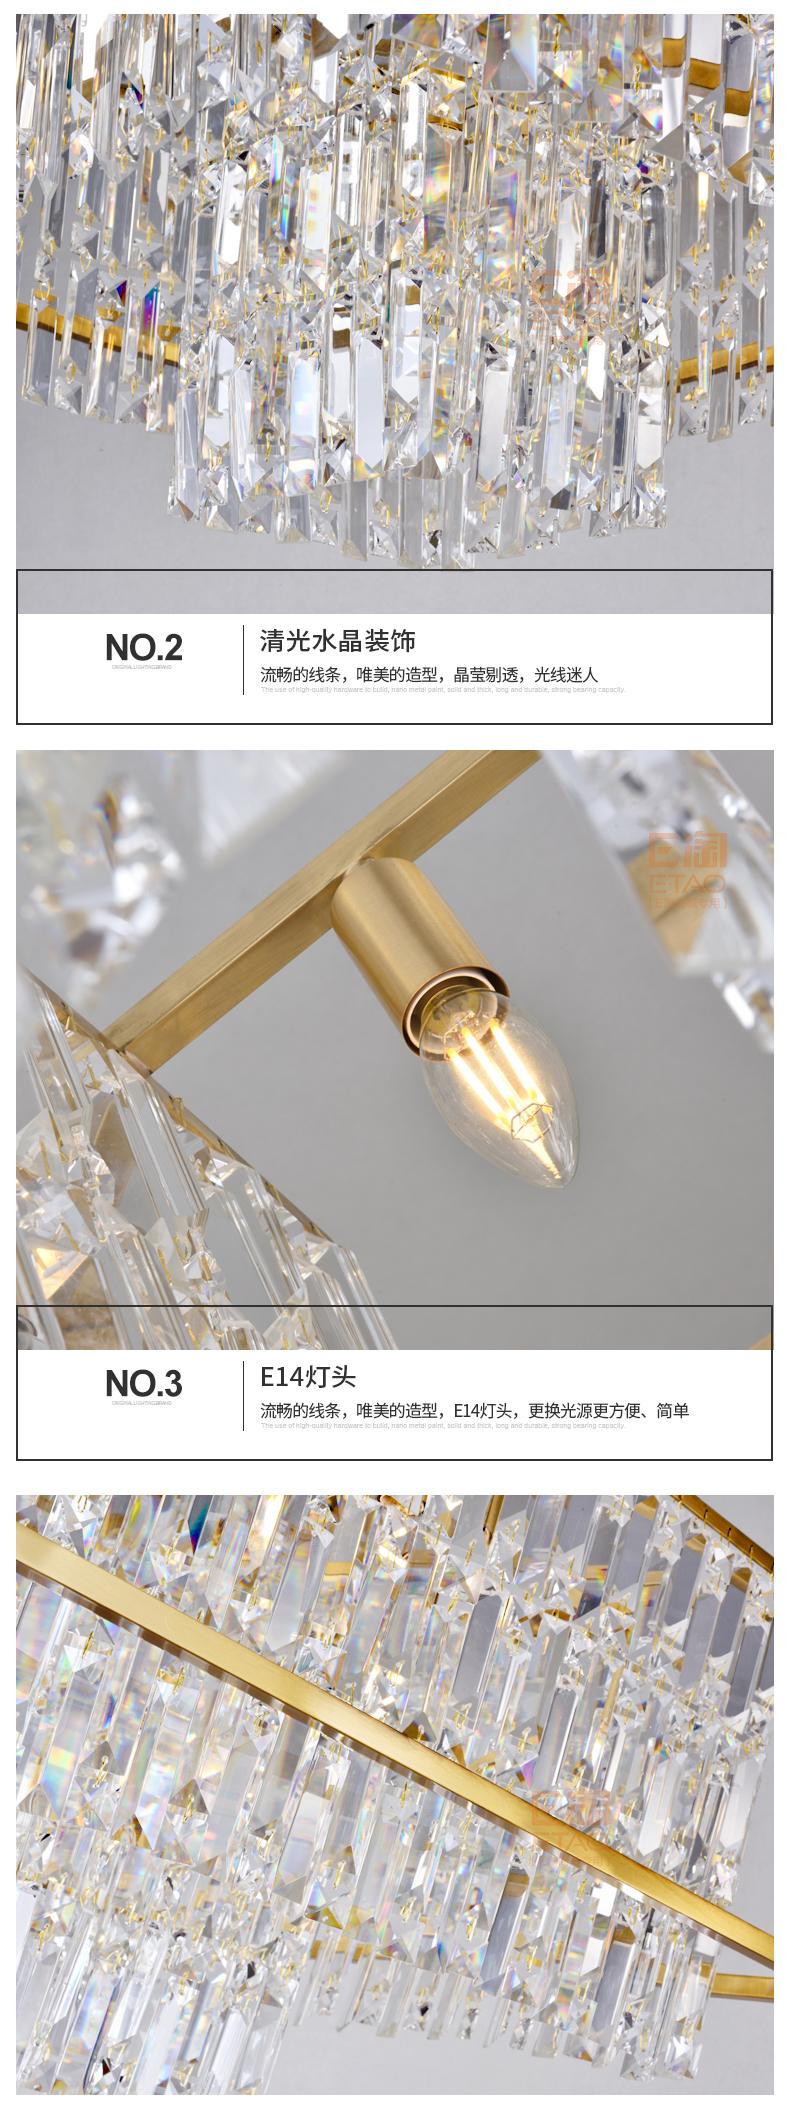 荧辉6667 (6)